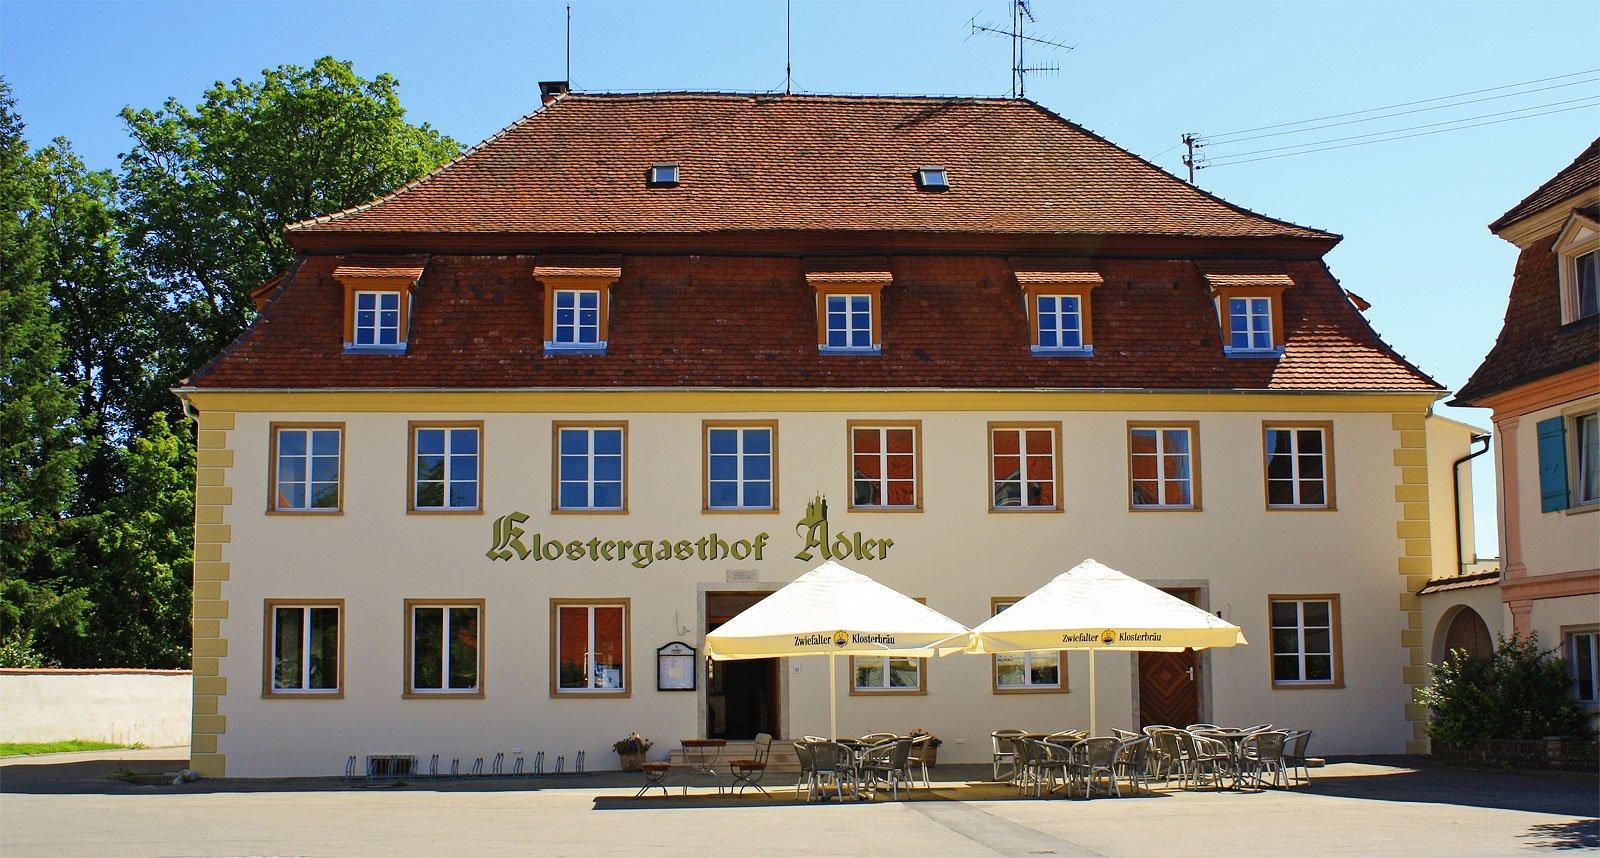 Ein historisches Haus mit der Aufschrift Klostergasthof Adler. Davor zwei Sonnenschirme und mehrere Tische und Stühle.